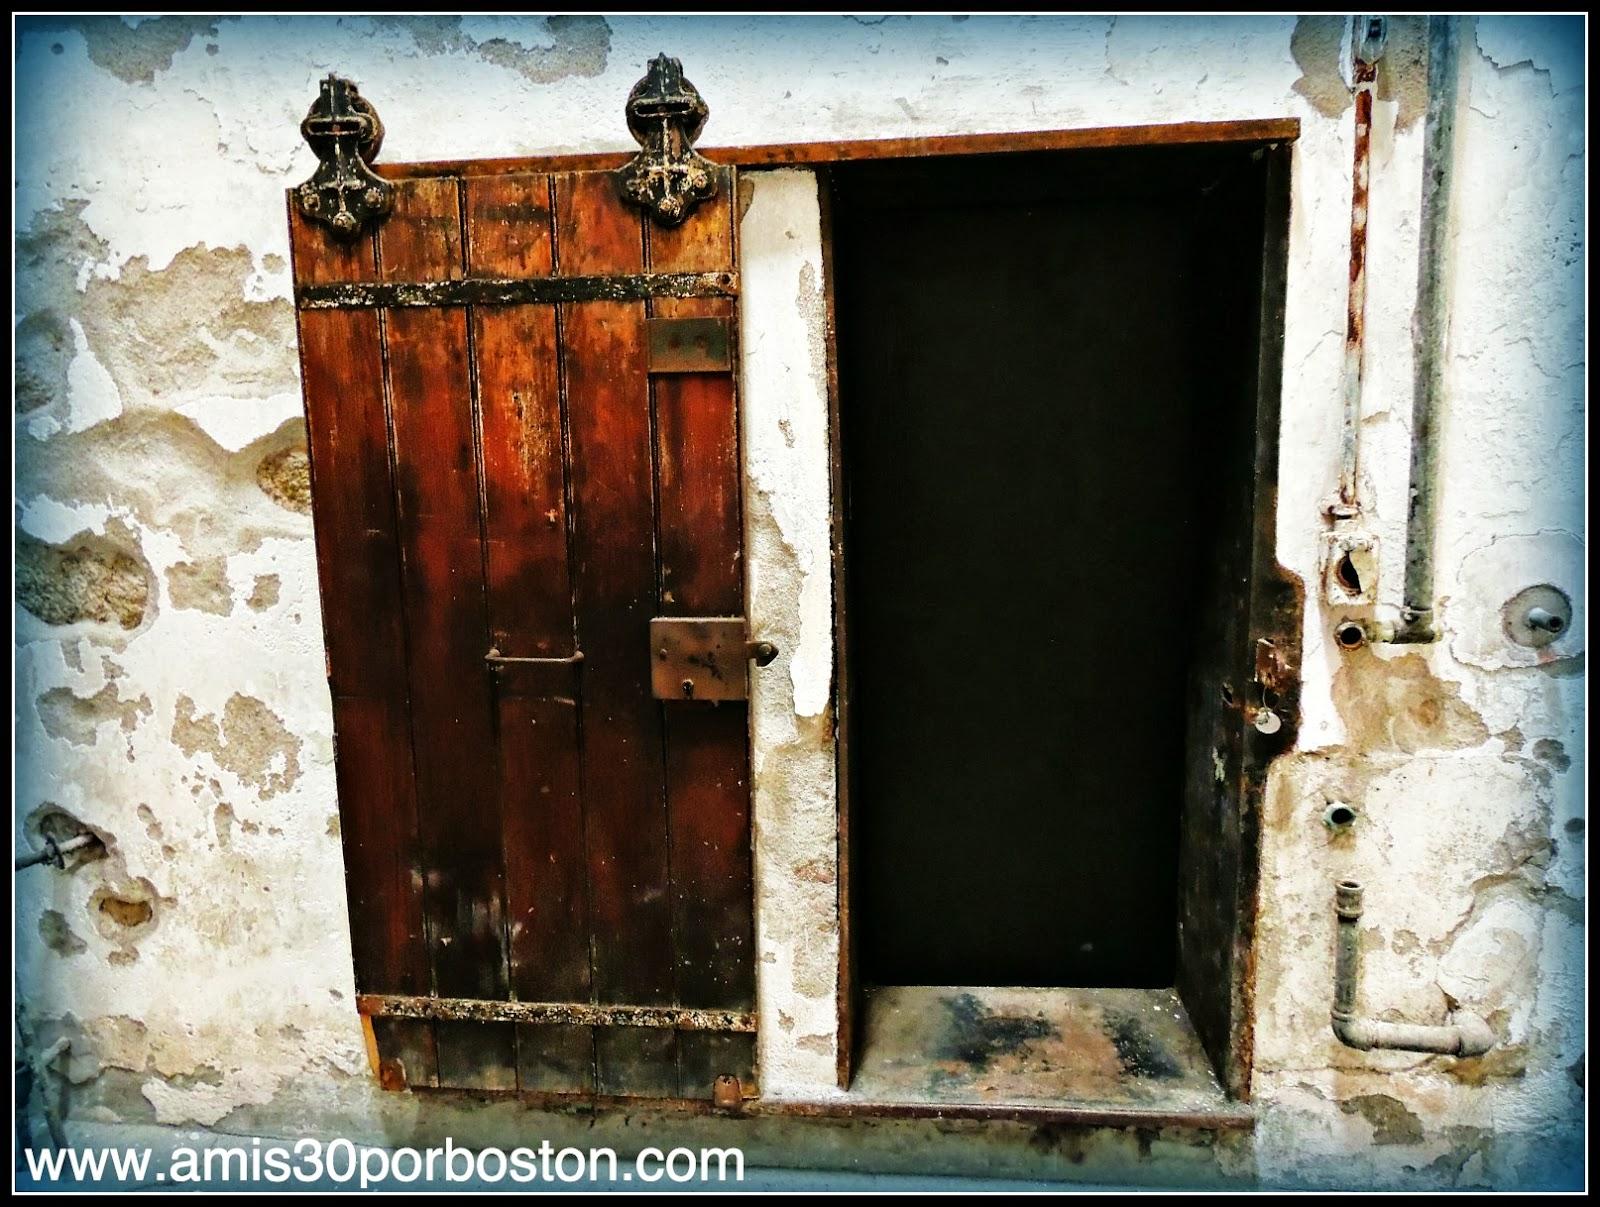 Pequeñas Puertas en las Celdas de Eastern State Penitentiary, Filadelfia